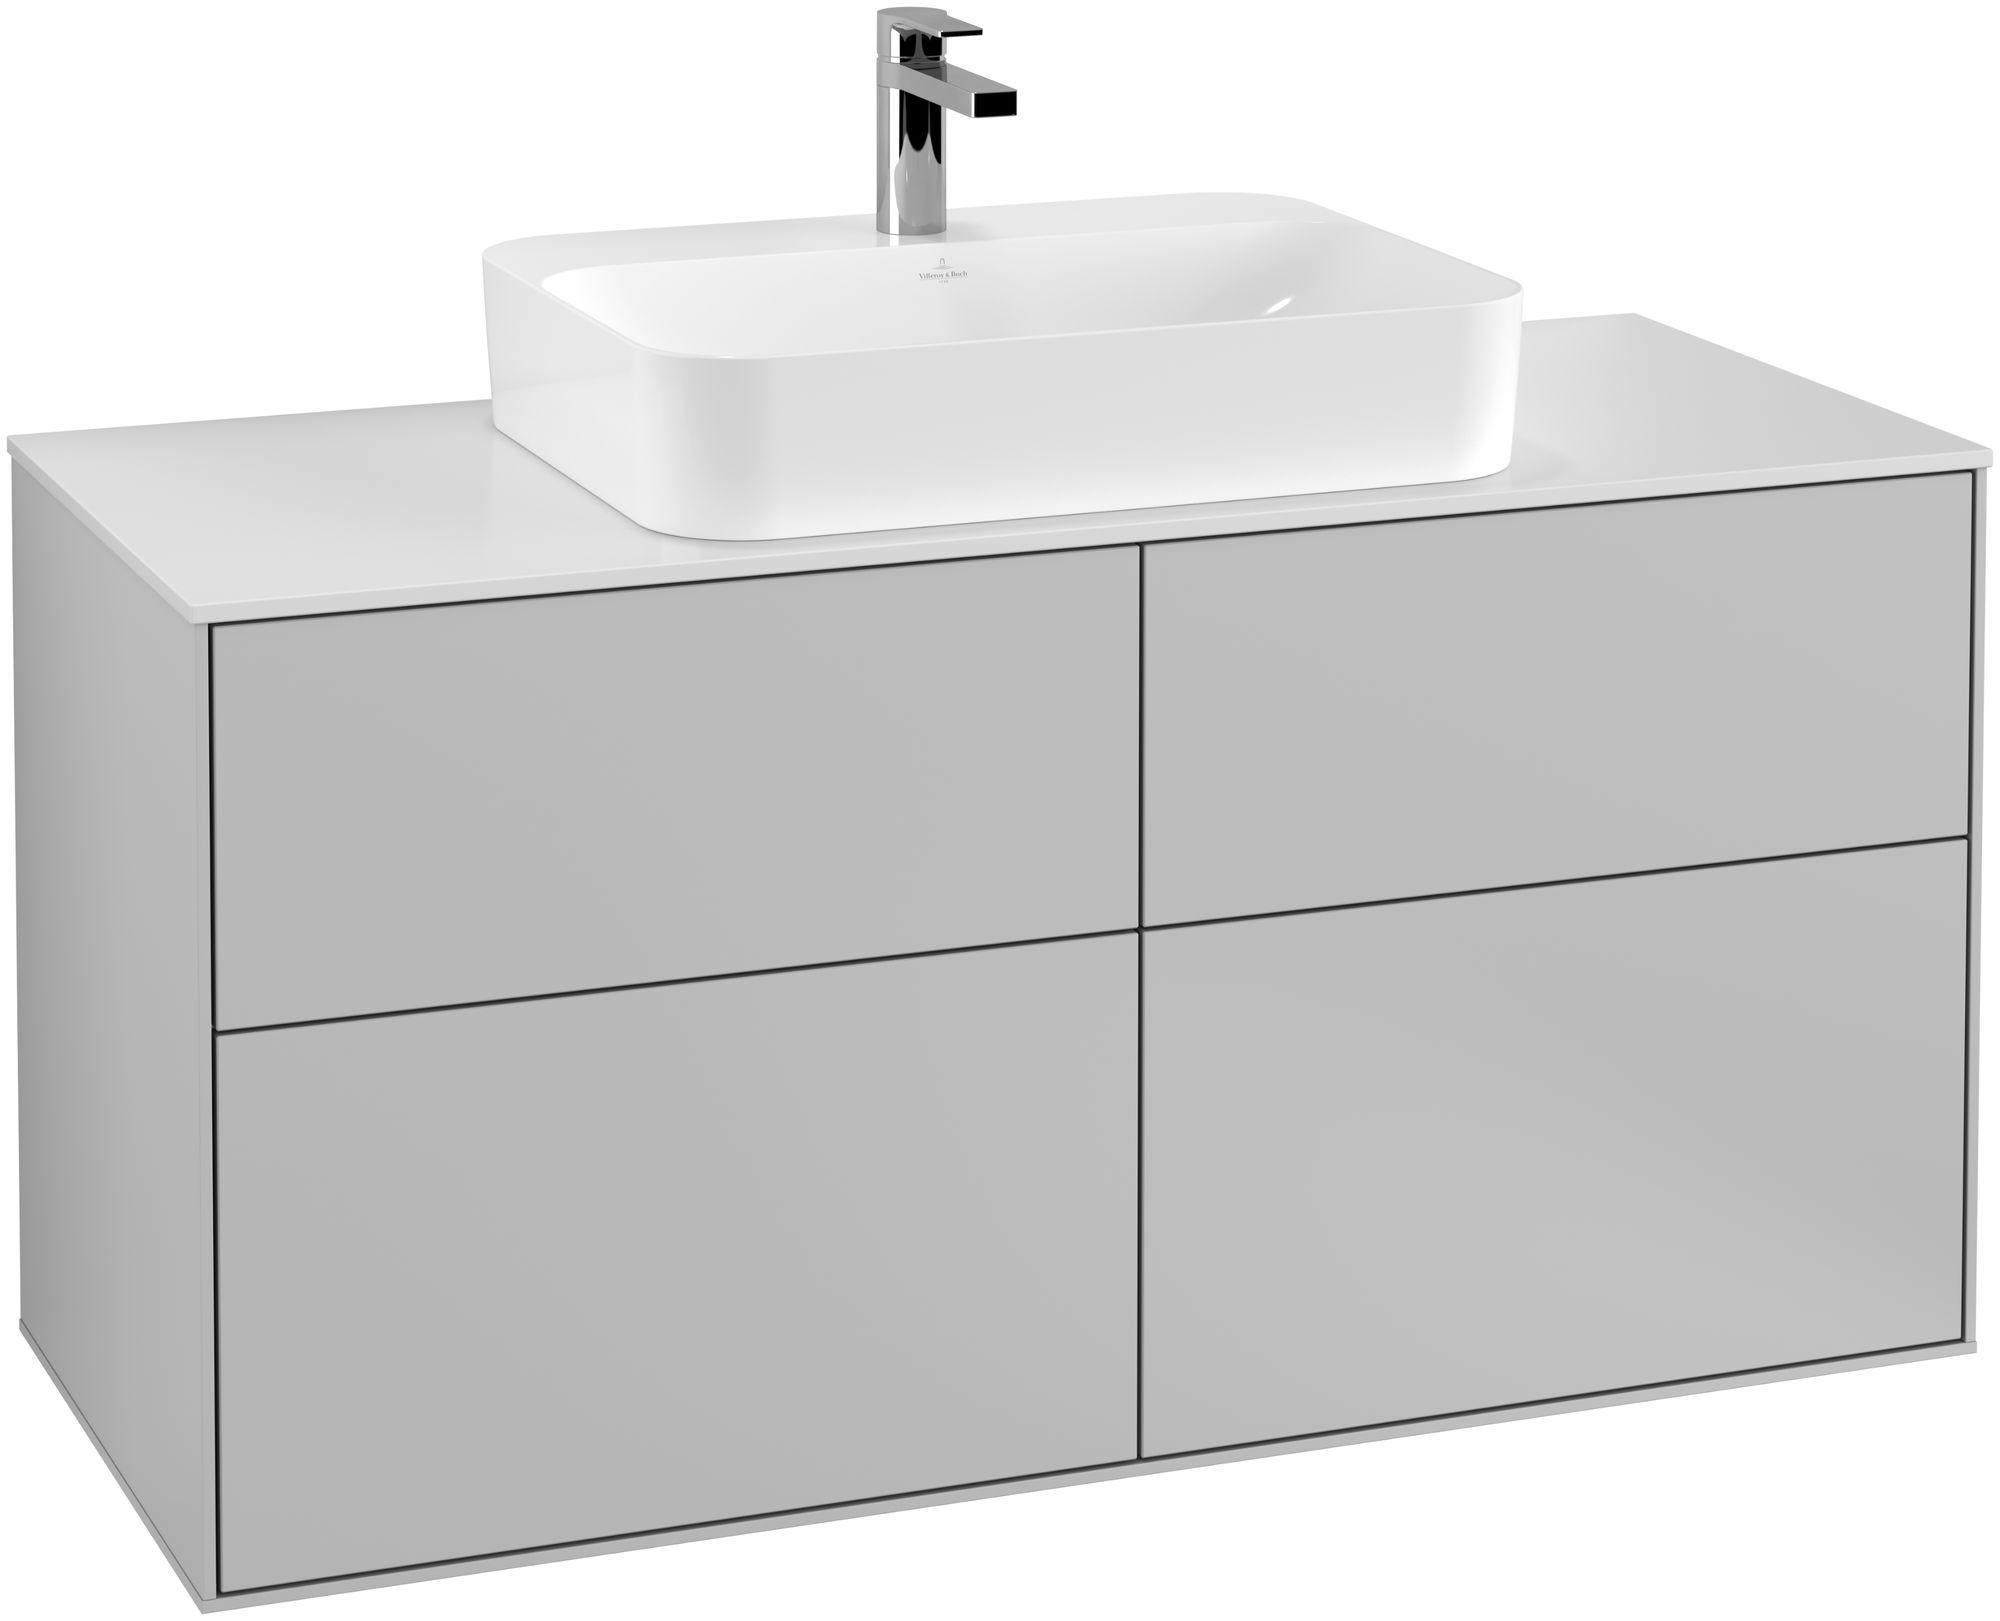 Villeroy & Boch Finion F38 Waschtischunterschrank 4 Auszüge Waschtisch mittig B:120xH:60,3xT:50,1cm Front, Korpus: Light Grey Matt, Glasplatte: White Matt F38100GJ